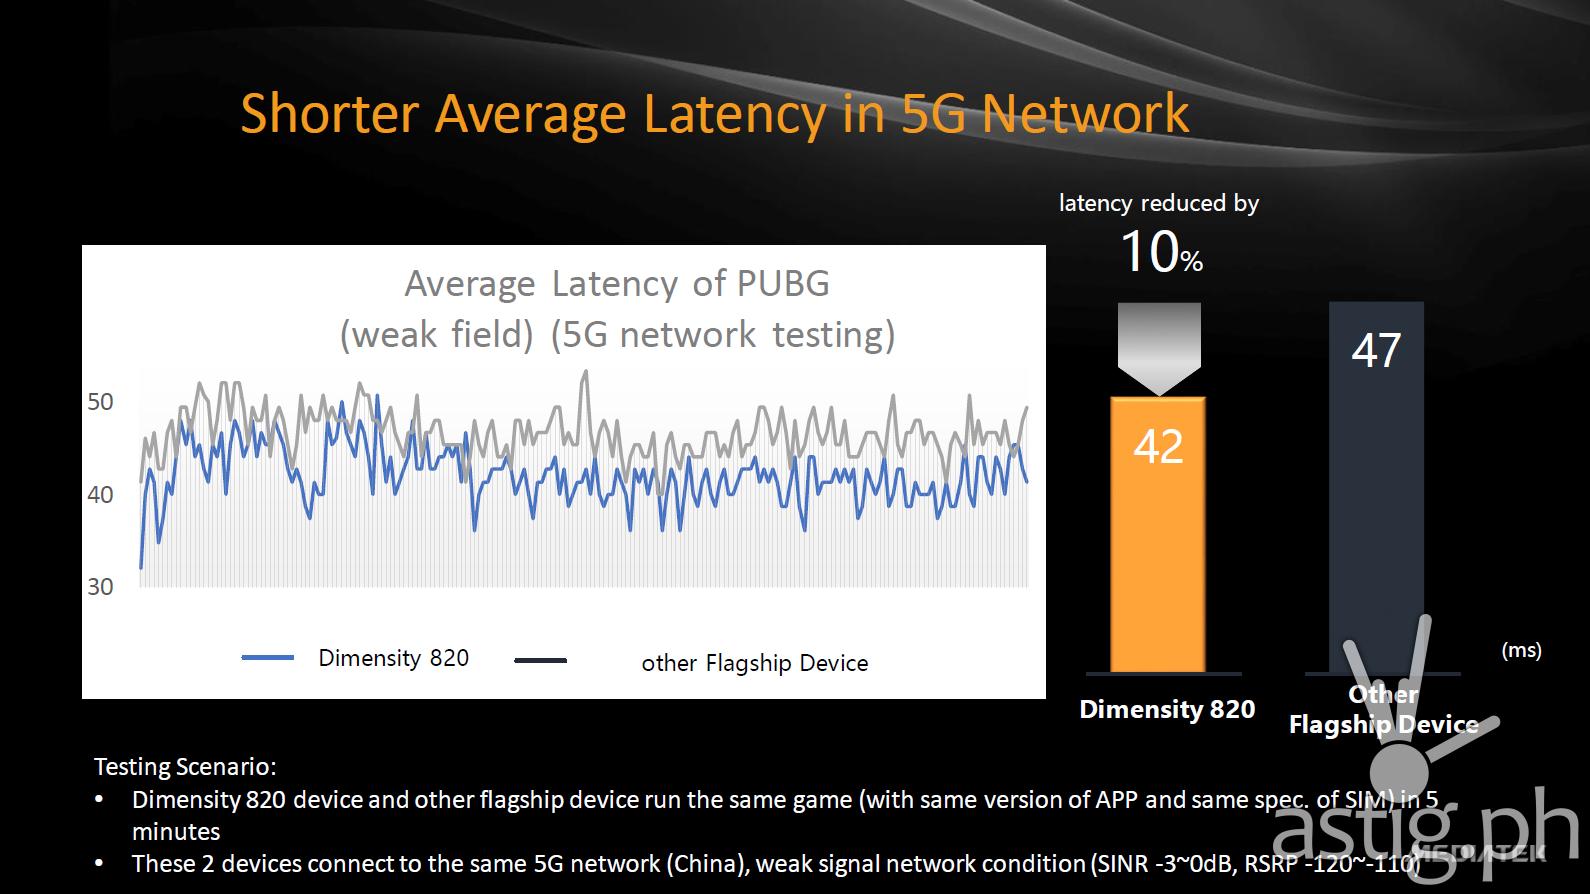 PUBG - MediaTek 5G network latency comparison